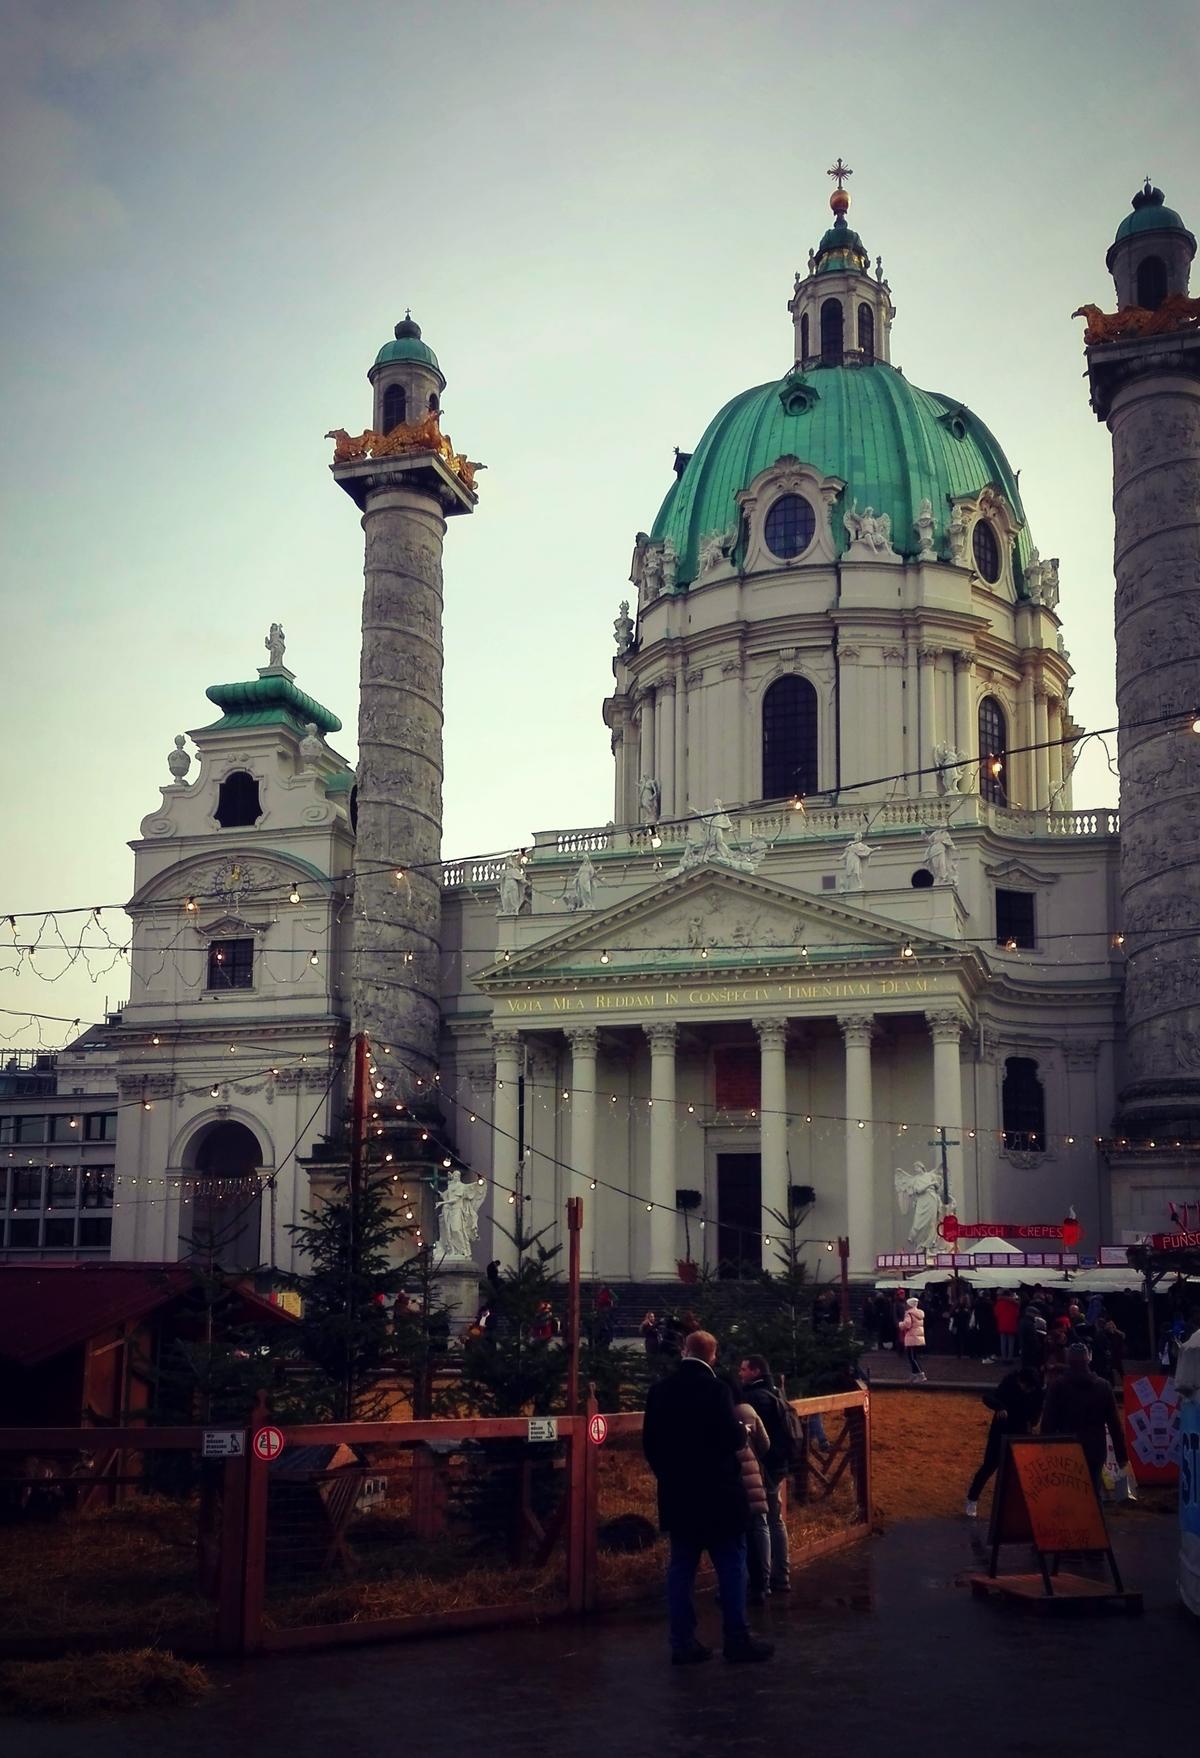 karlsplatz-2